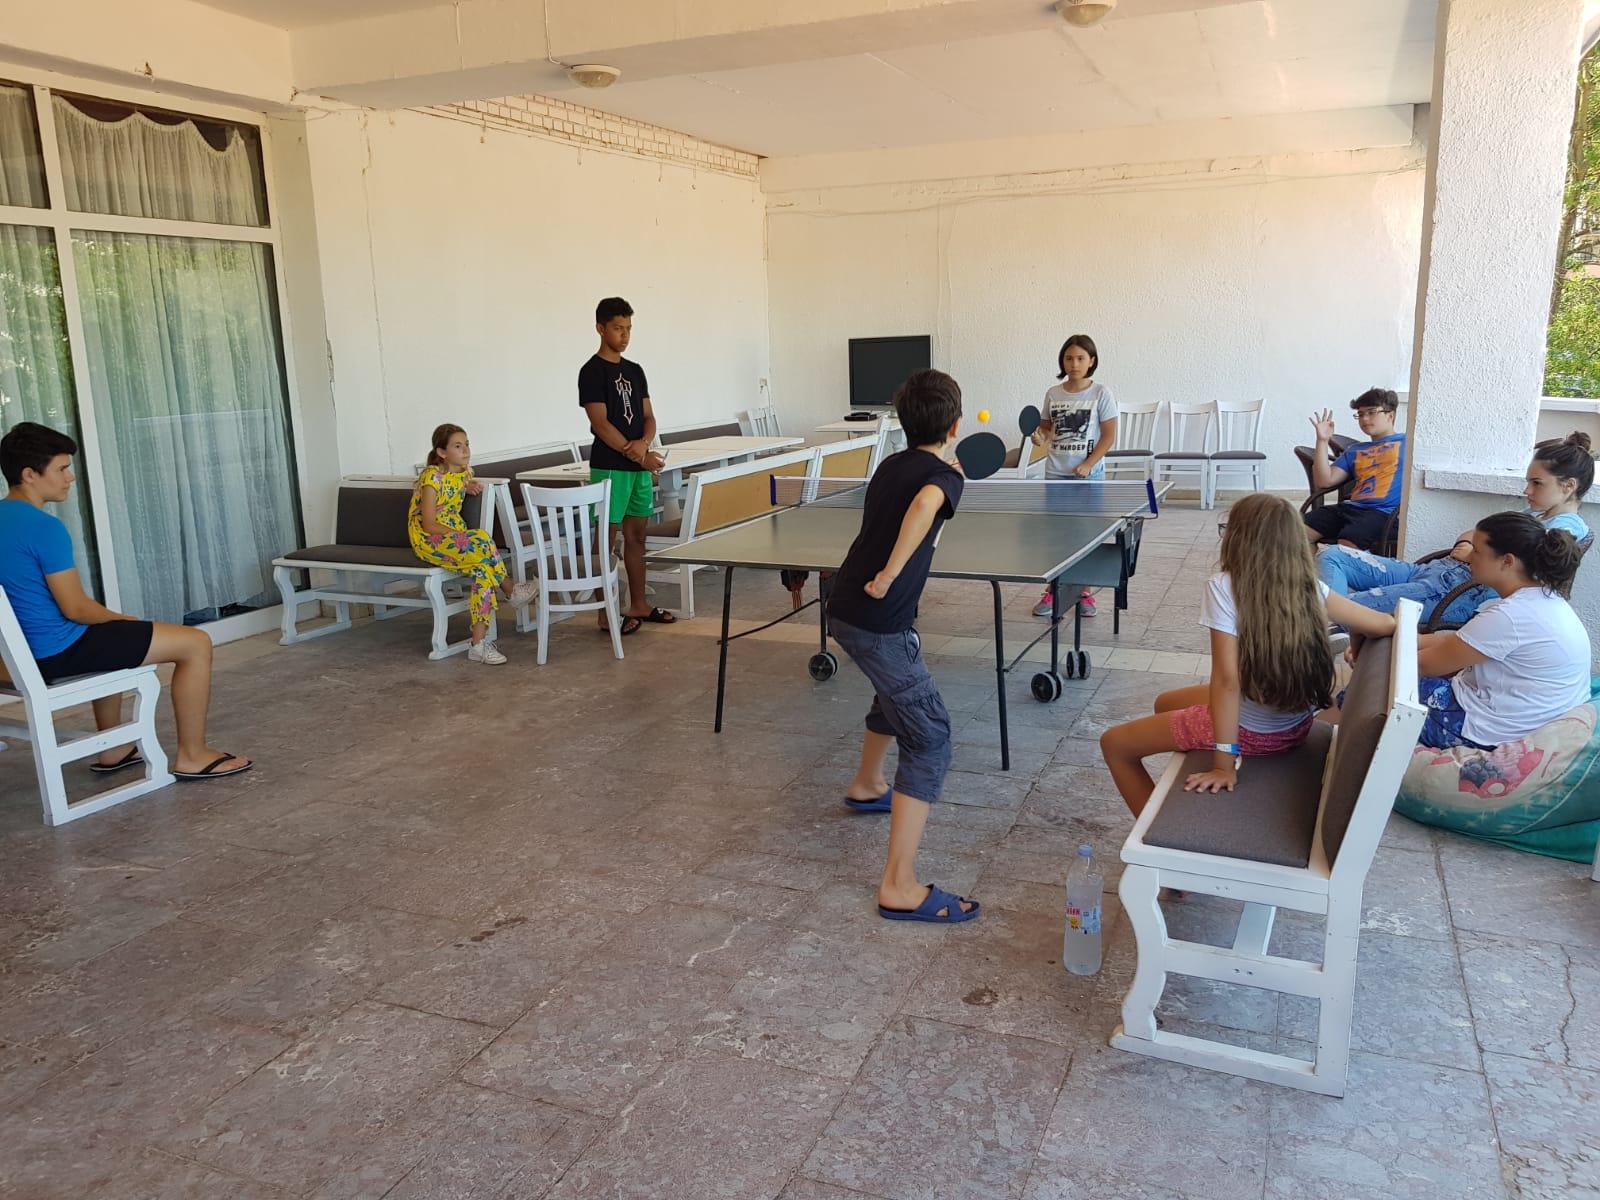 Z кемп ден 7 - деца играят тенис на маса